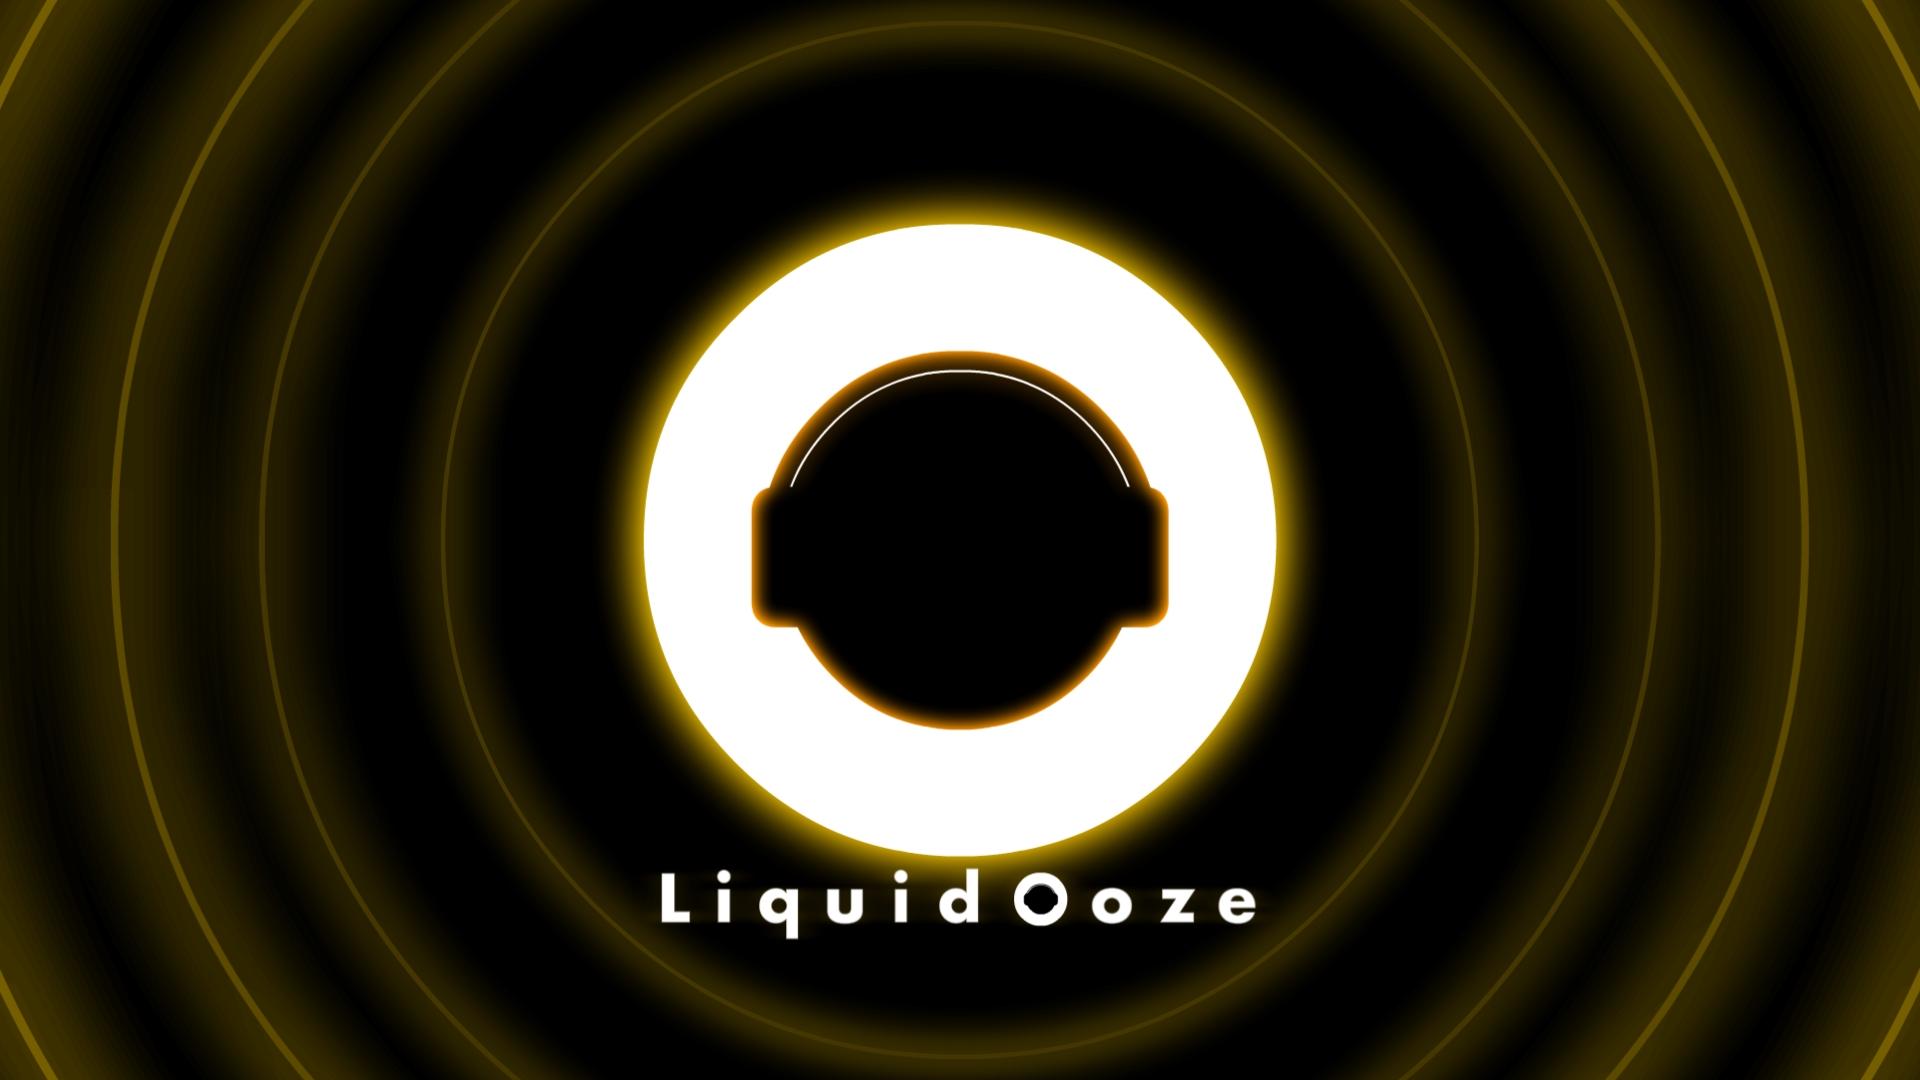 LiquidOoze Wallpaper